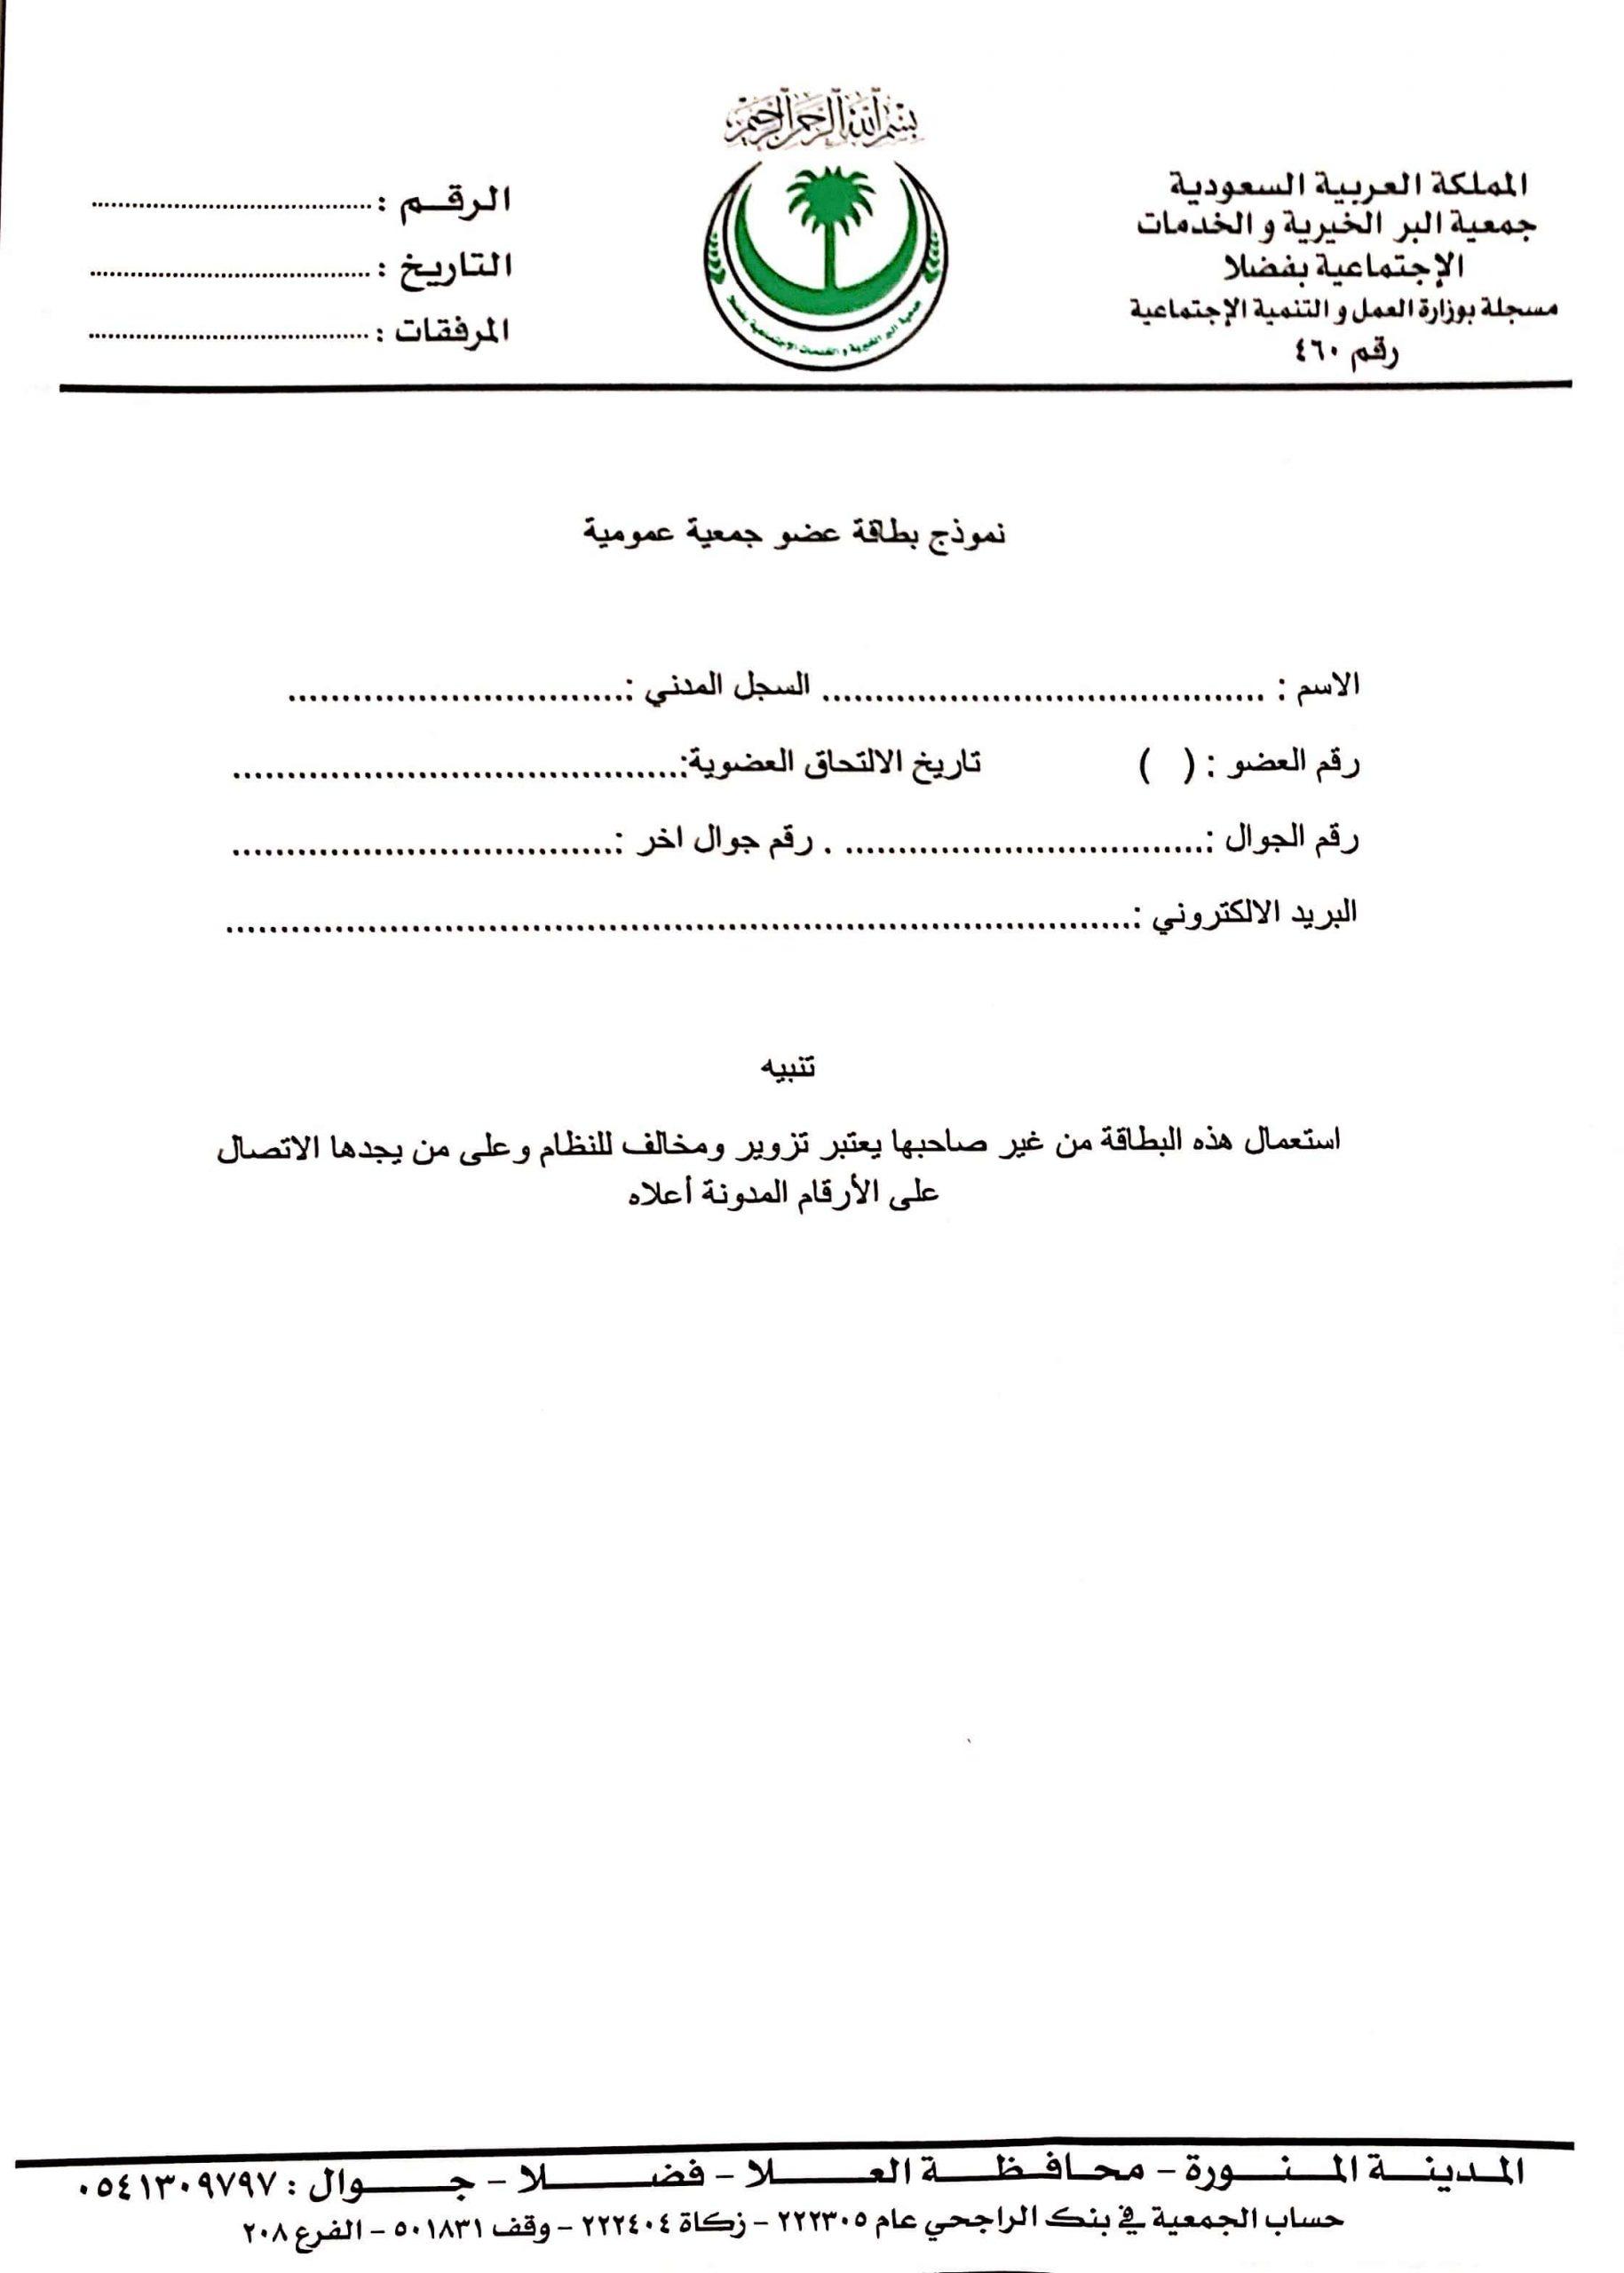 بطاقه عضو جمعية عمومية